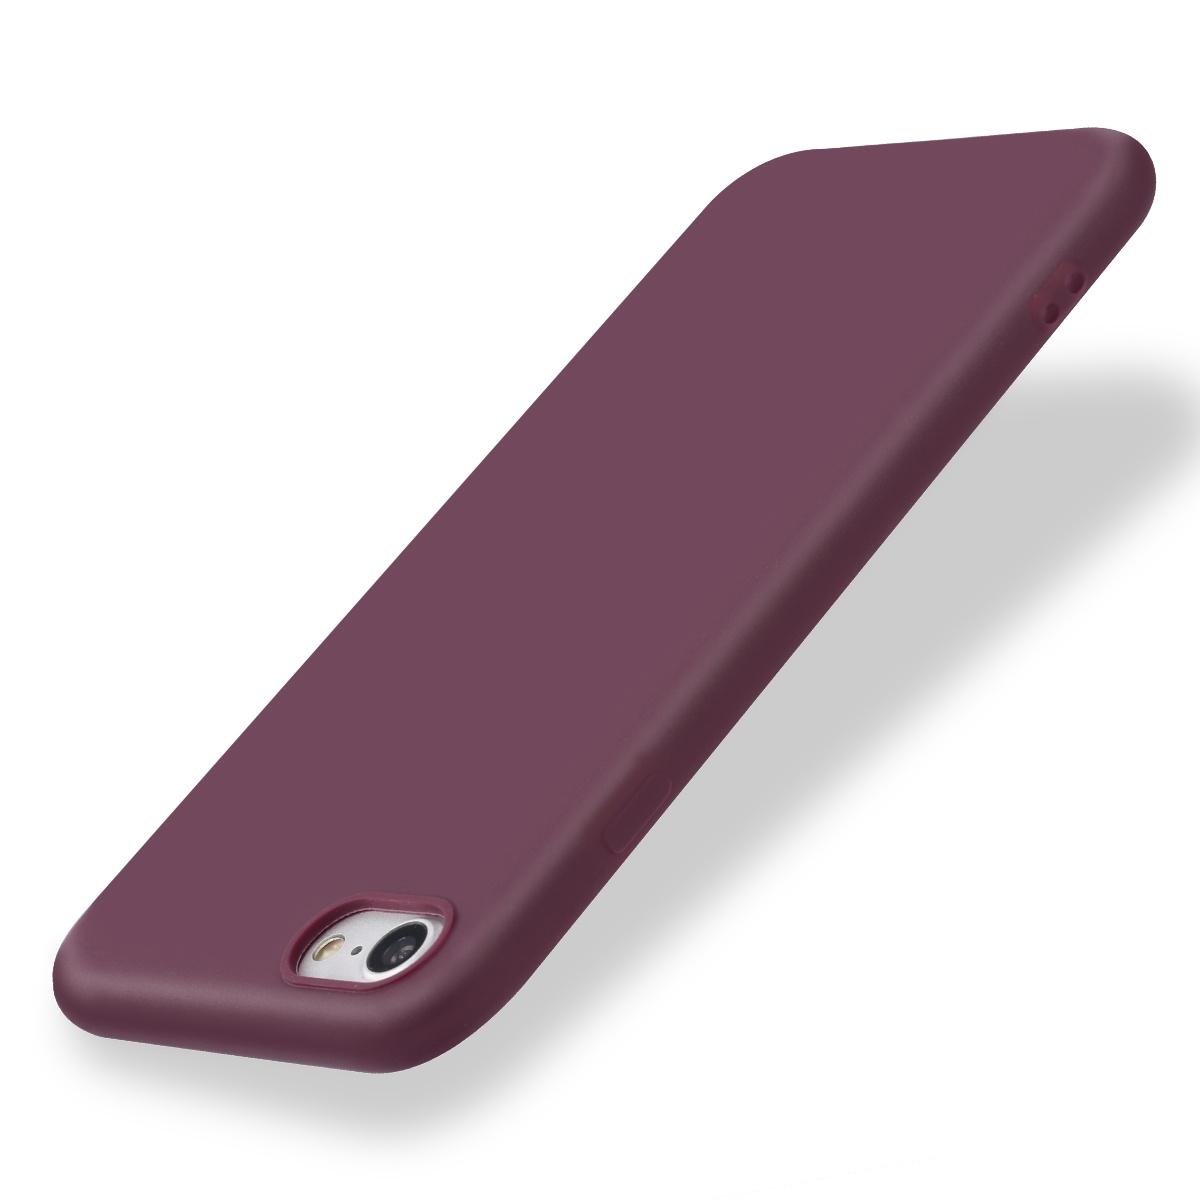 Чехол для сотового телефона Чехол для задней крышки смартфона для iPhone 5 / SE / 6 / 6s / 7 / 8 / 6 Plus / 6s Plus / 7 Plus / 8 Plus / X, бордовый чехол для сотового телефона чехол для смартфона apple iphone 5 5s se 6 6 plus 6s 6s plus 7 7 plus черный